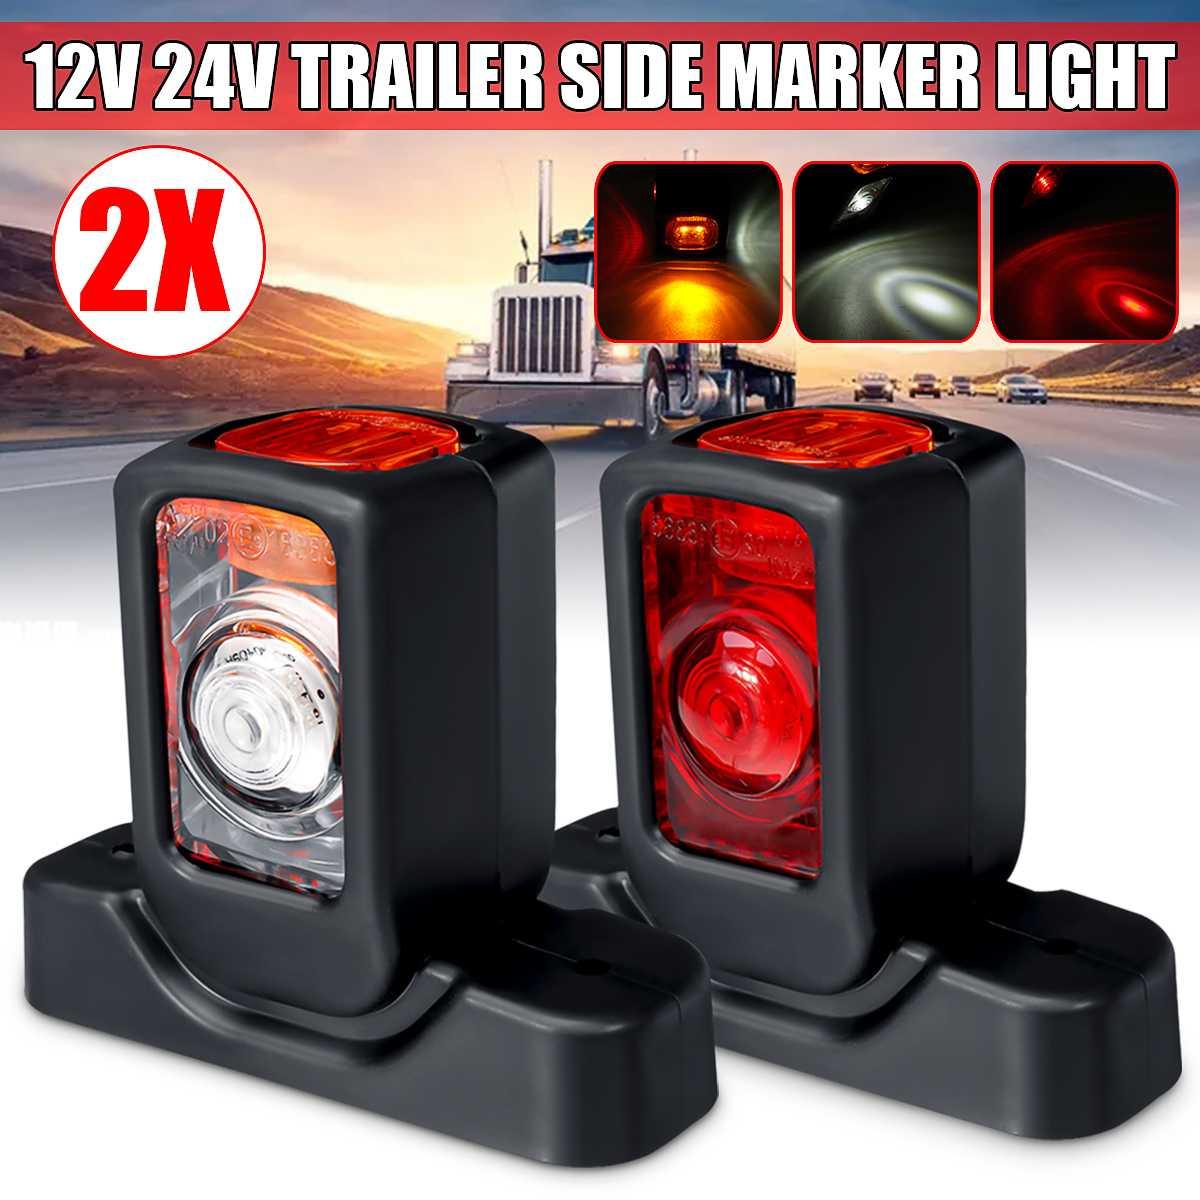 12/24V Truck LED Side Marker Light Triple Amber White Red Indicator Lamps For Trailer Lorry RV Bus